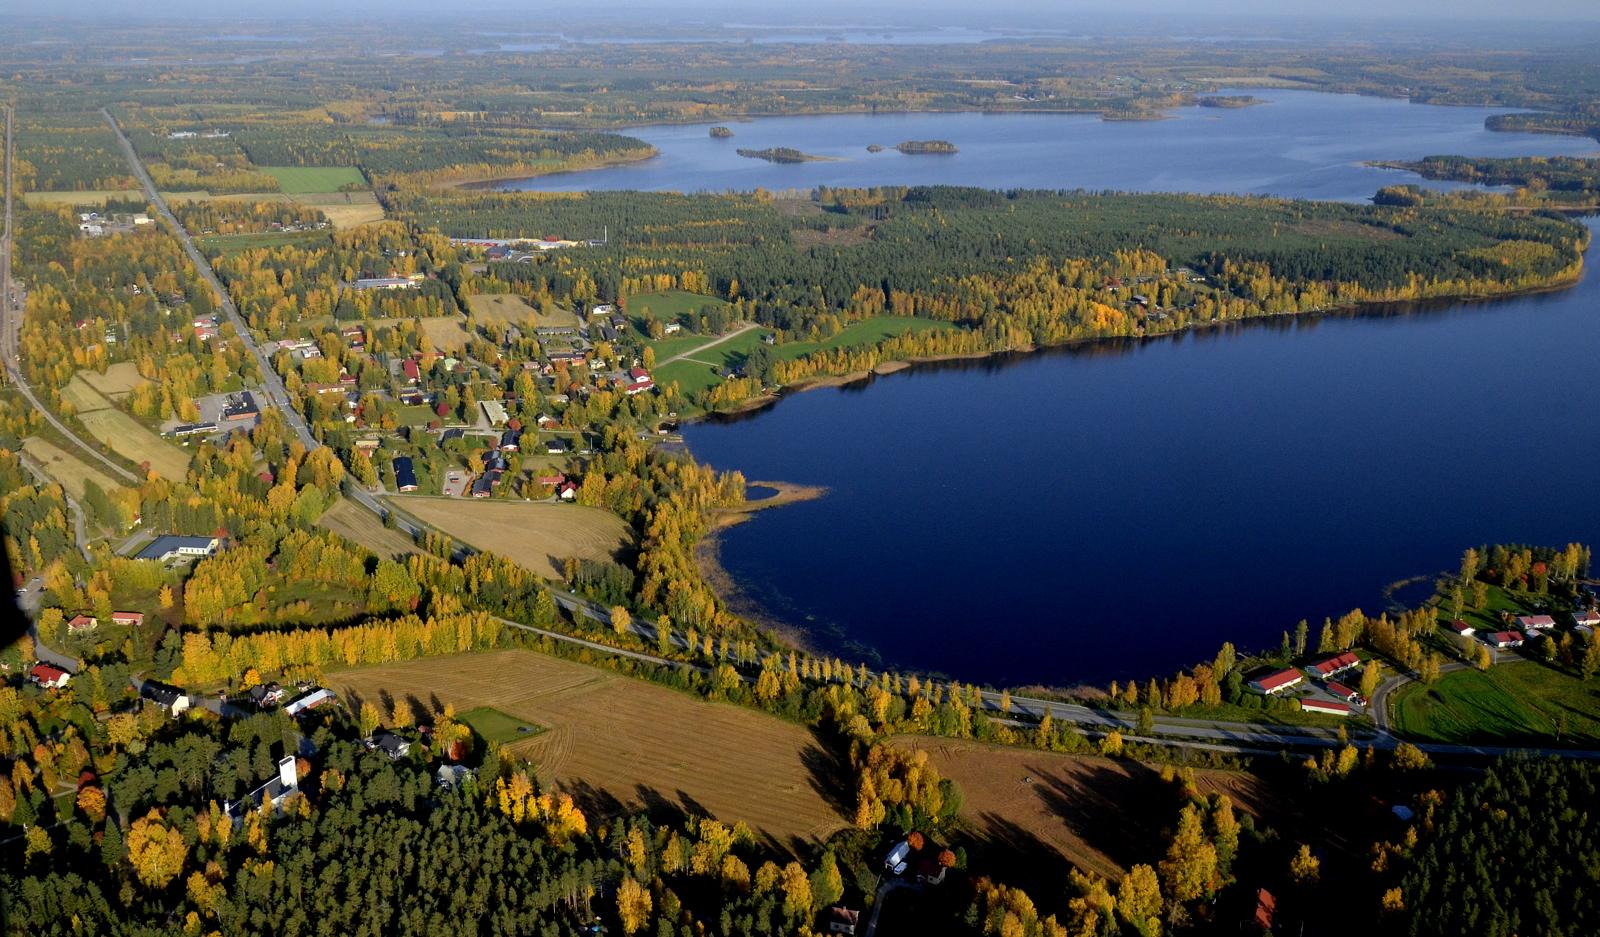 Kuvan ylälaidassa näkyy Vuosjärvi ja suunta josta tulin...ja minne menen.